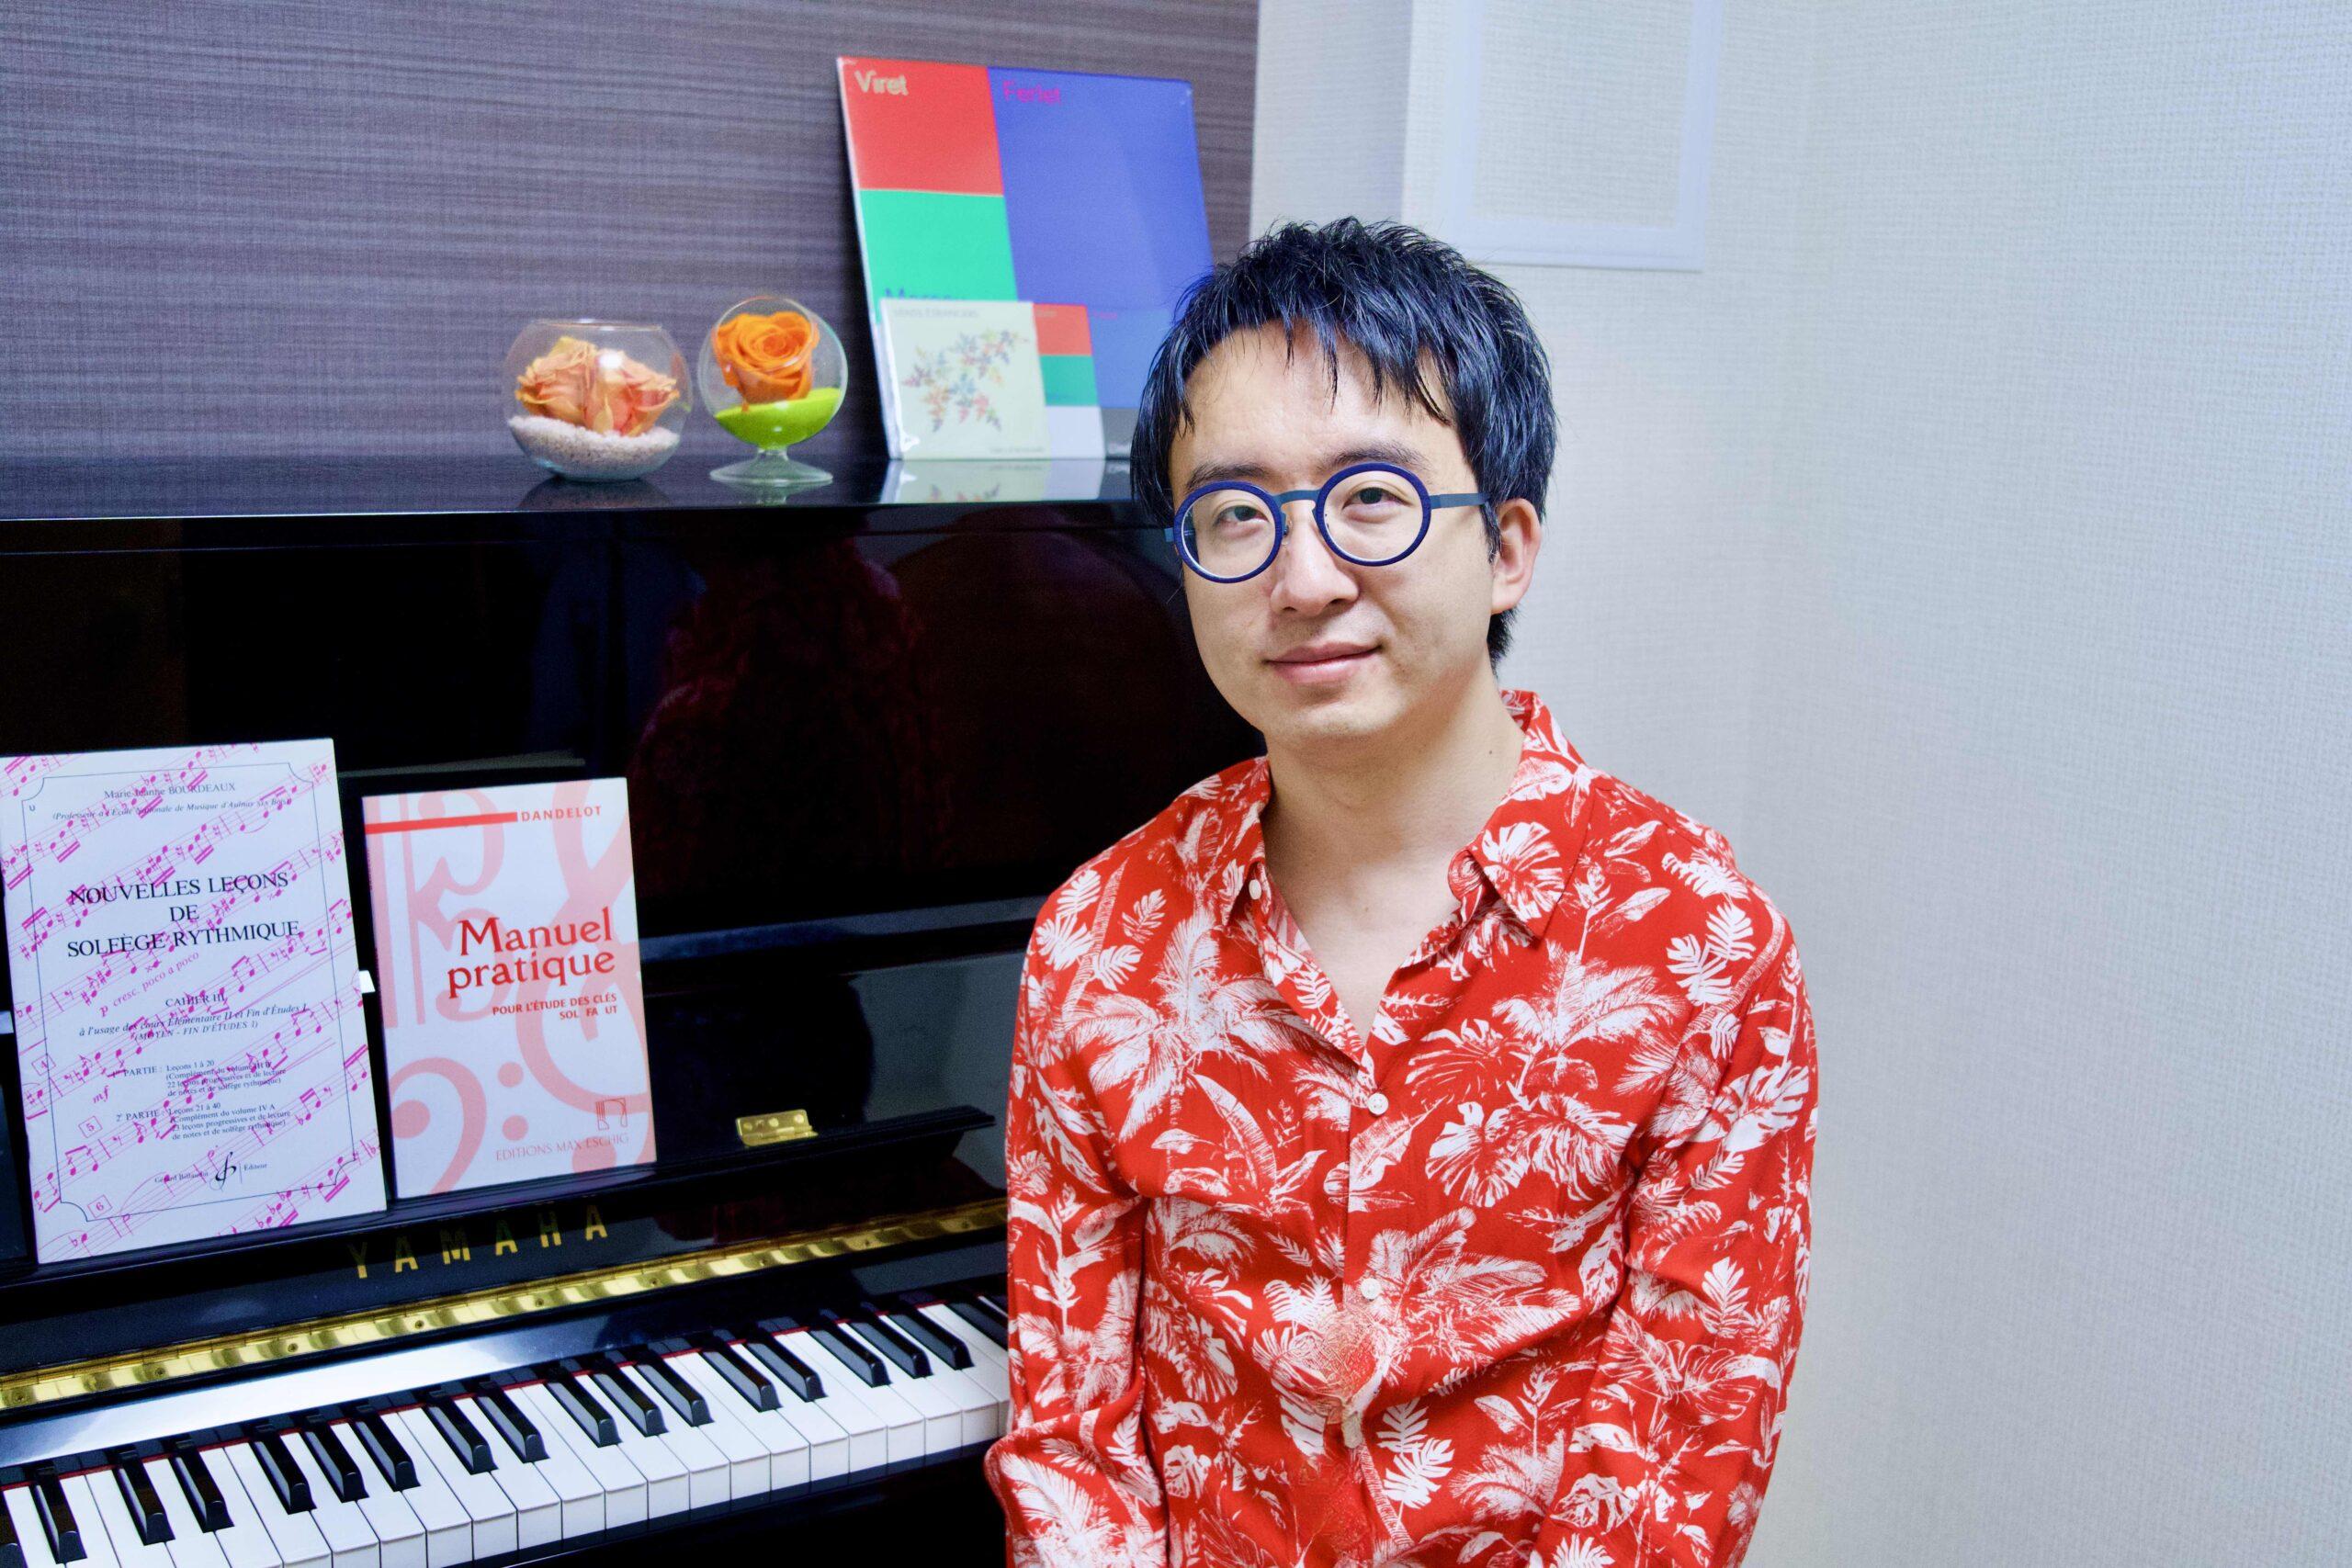 カサメミュージックスクールソルフェージュ・楽典科講師、榊原太郎先生の写真